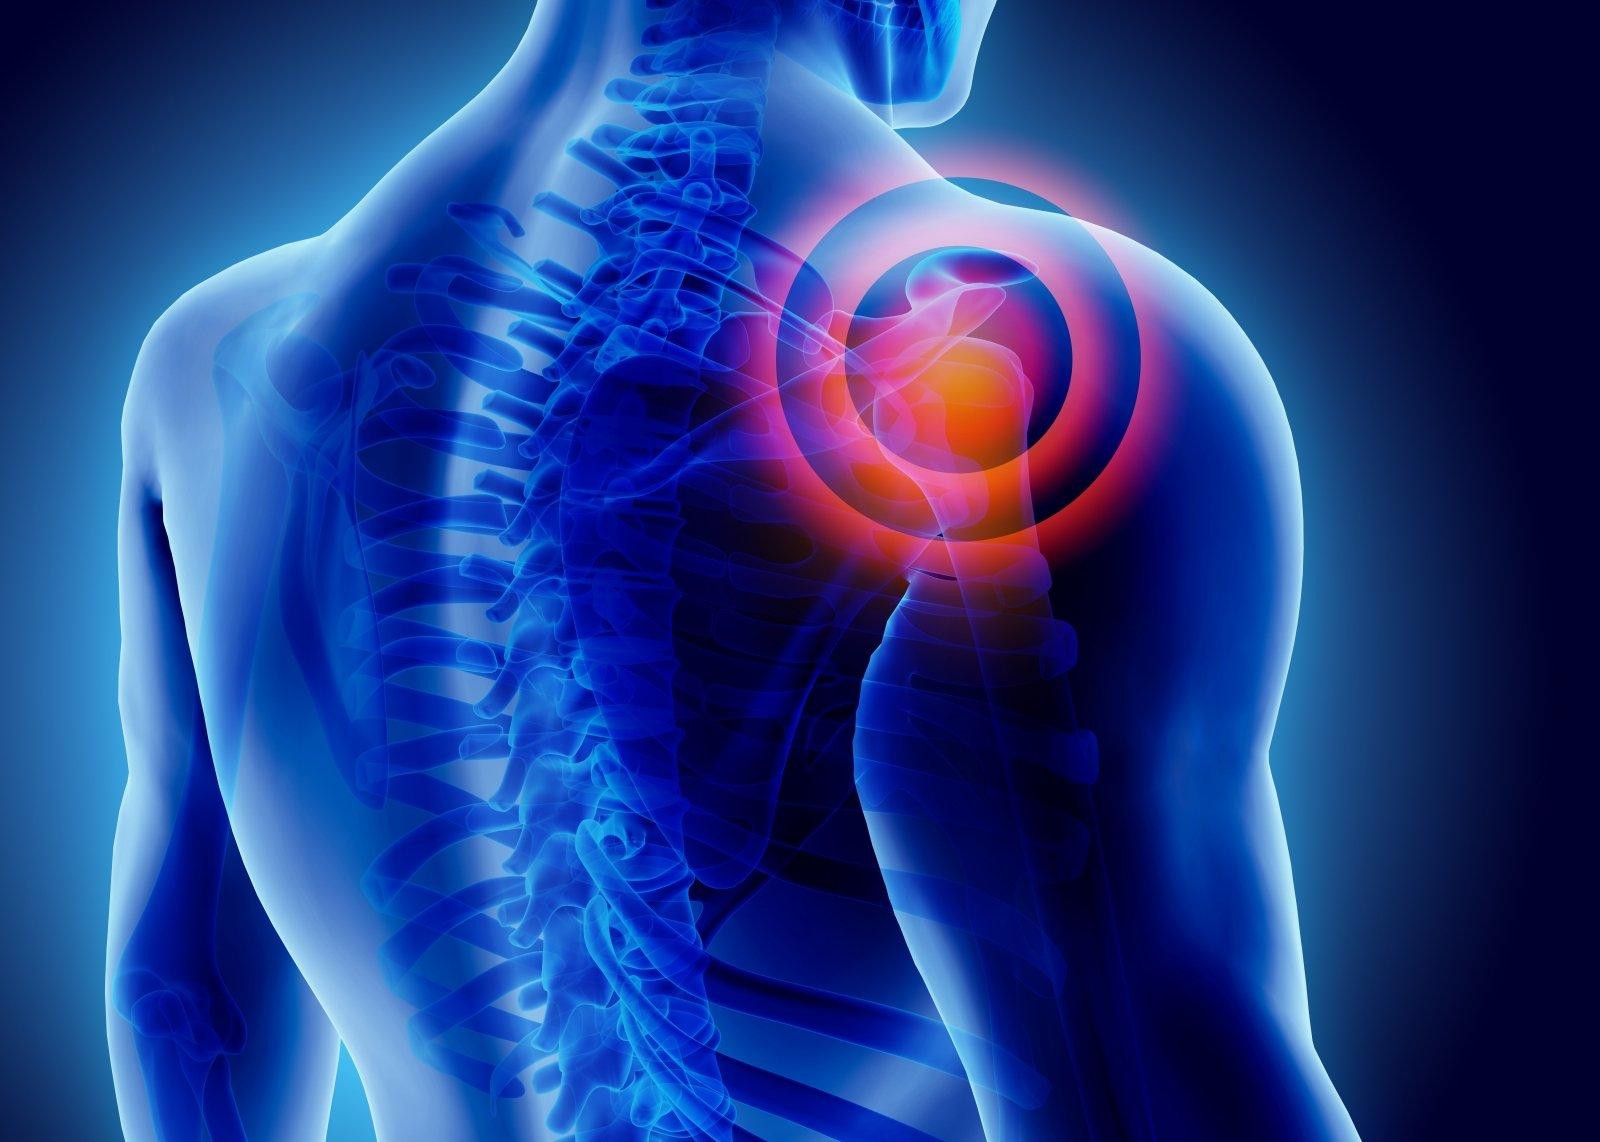 ligos sąnarių liaudies medicinos ligos sąnarių osteoartrito gydymui